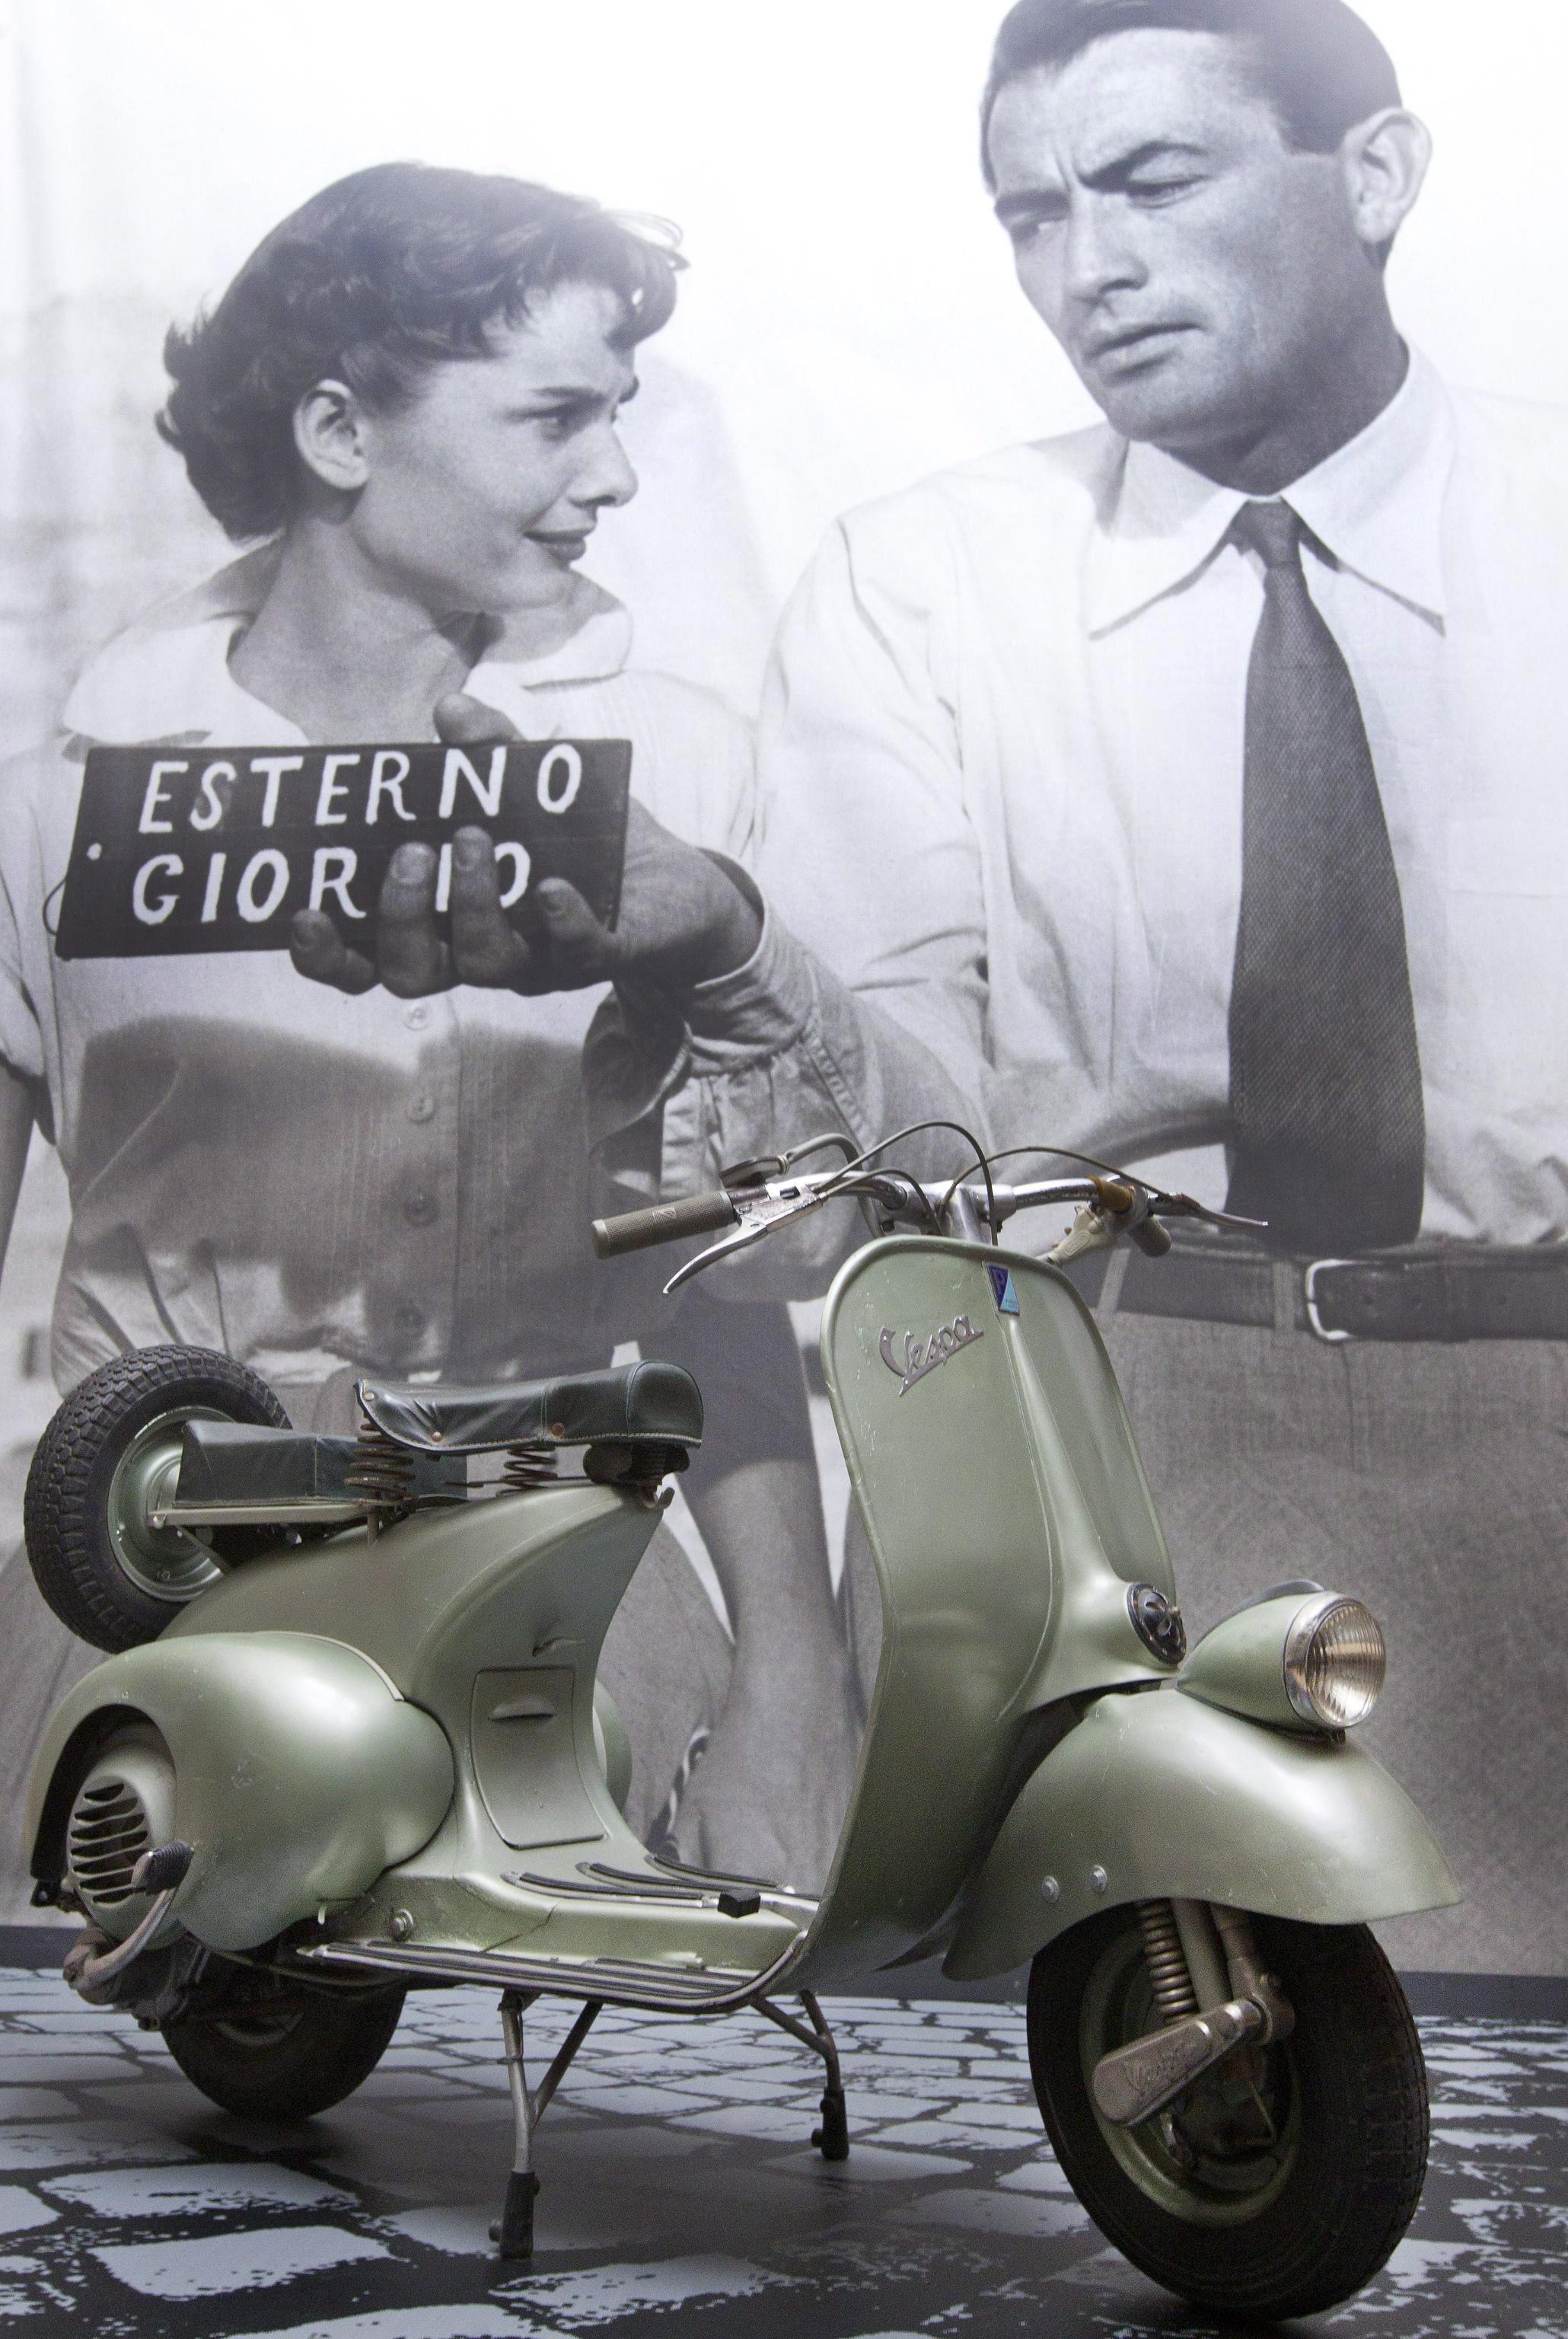 La Vespa utilizzata da Audrey Hepburn e Gregory Peck in Vacanze romane, esposta all'Ara Pacis di Roma per la mostra Audrey a Roma. Esterno giorno, 2011